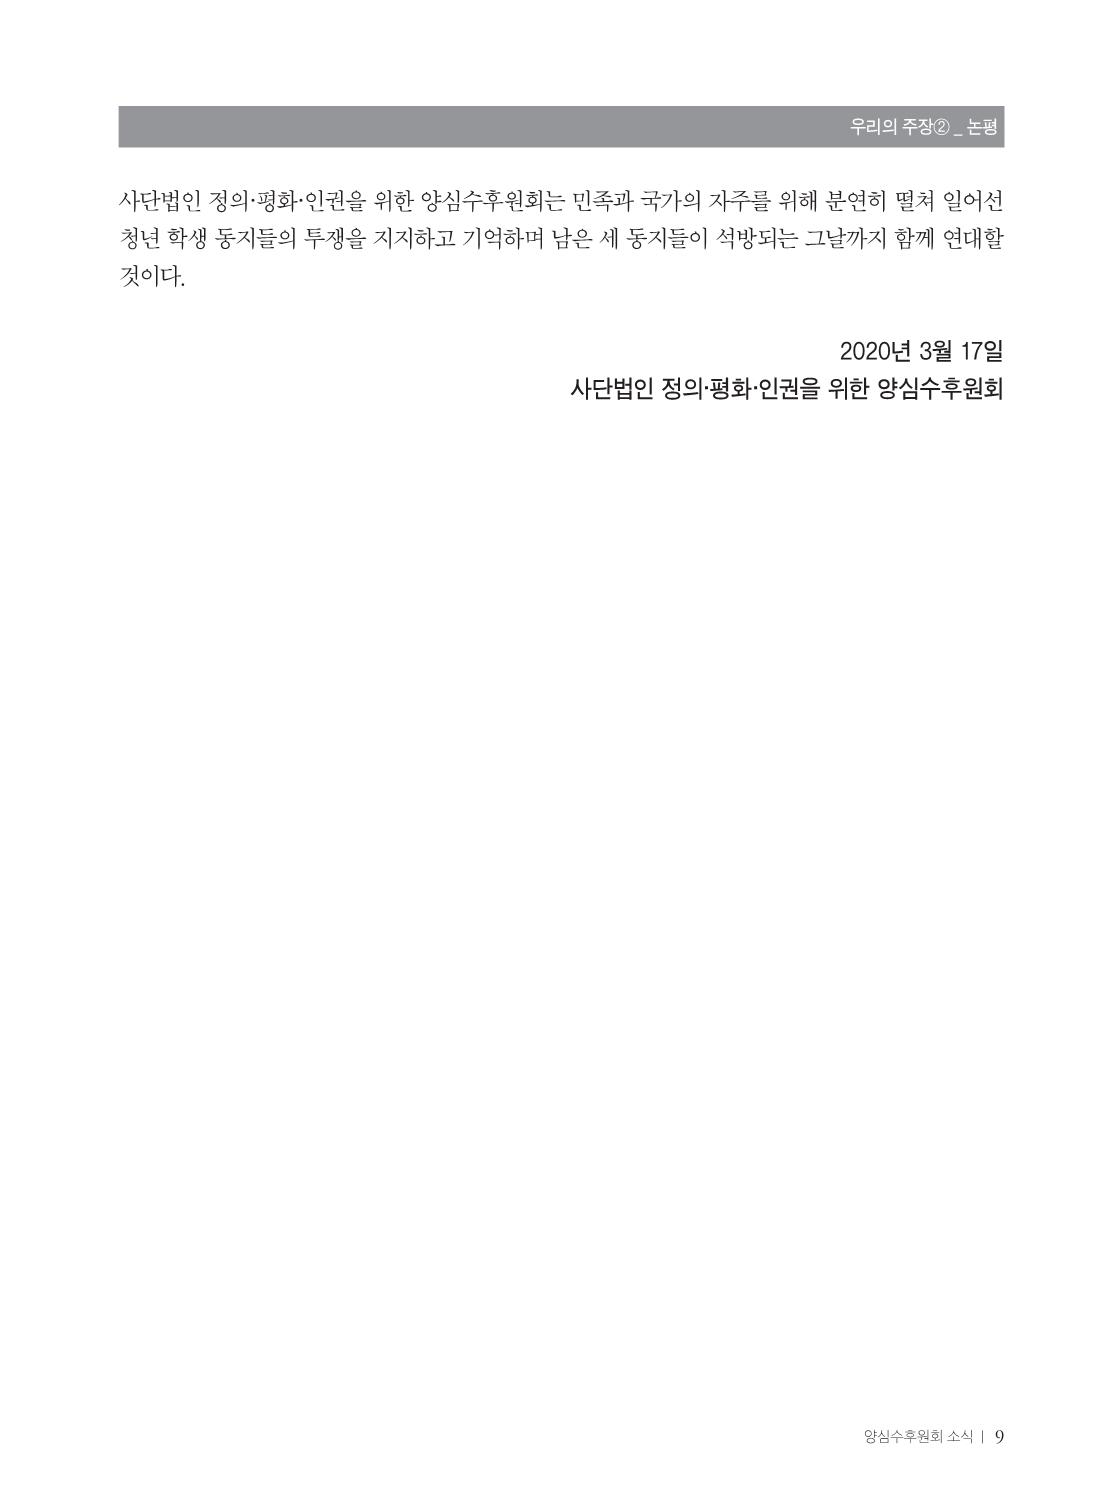 45cfe4c7-a26e-4b55-9dc7-306310e81365.pdf-0011.jpg